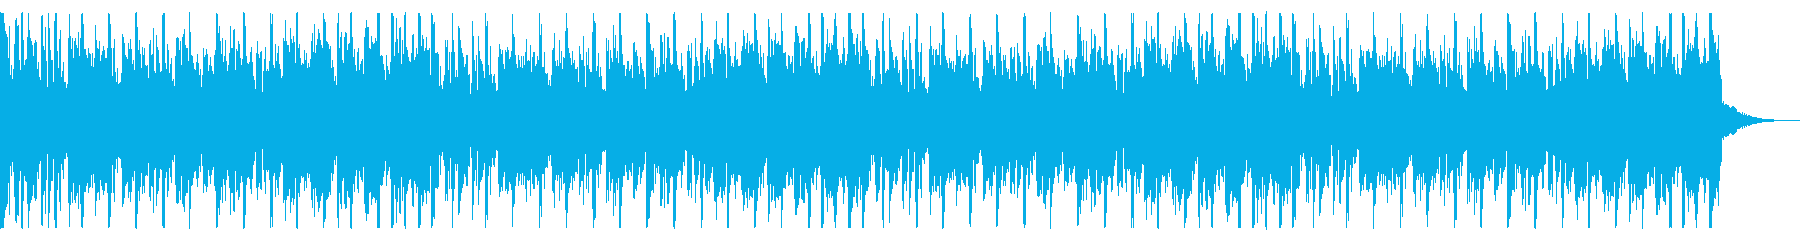 近未来的サイバーBGM_No622_5の再生済みの波形